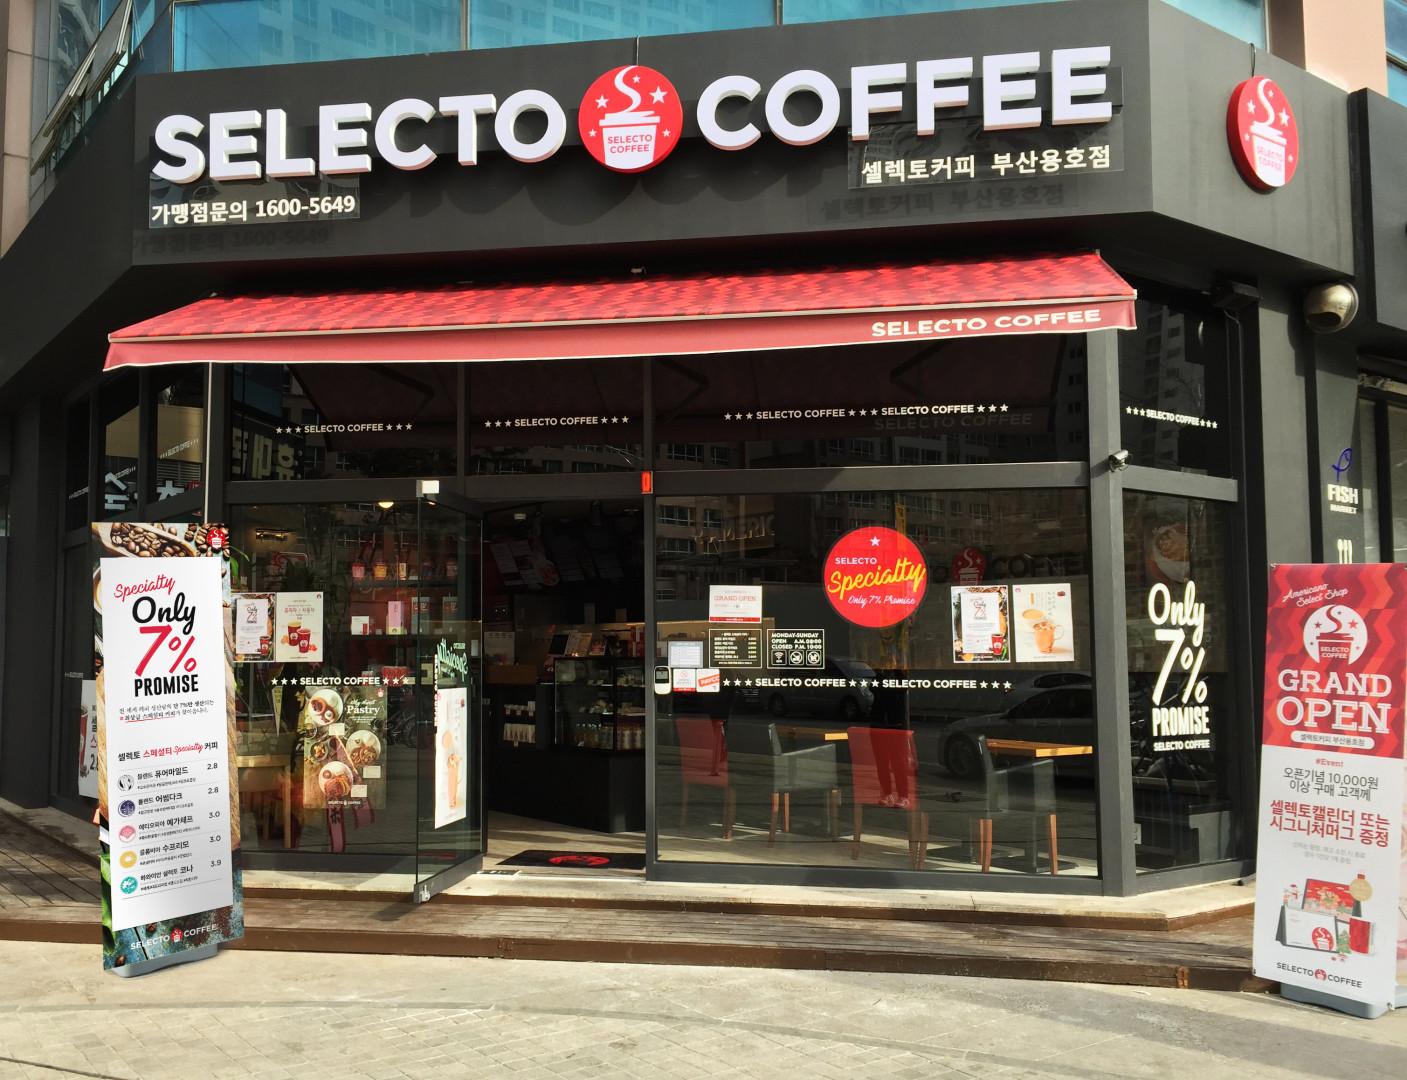 셀렉토 커피, 예비창업자 모집나서…27일 설명회 개최